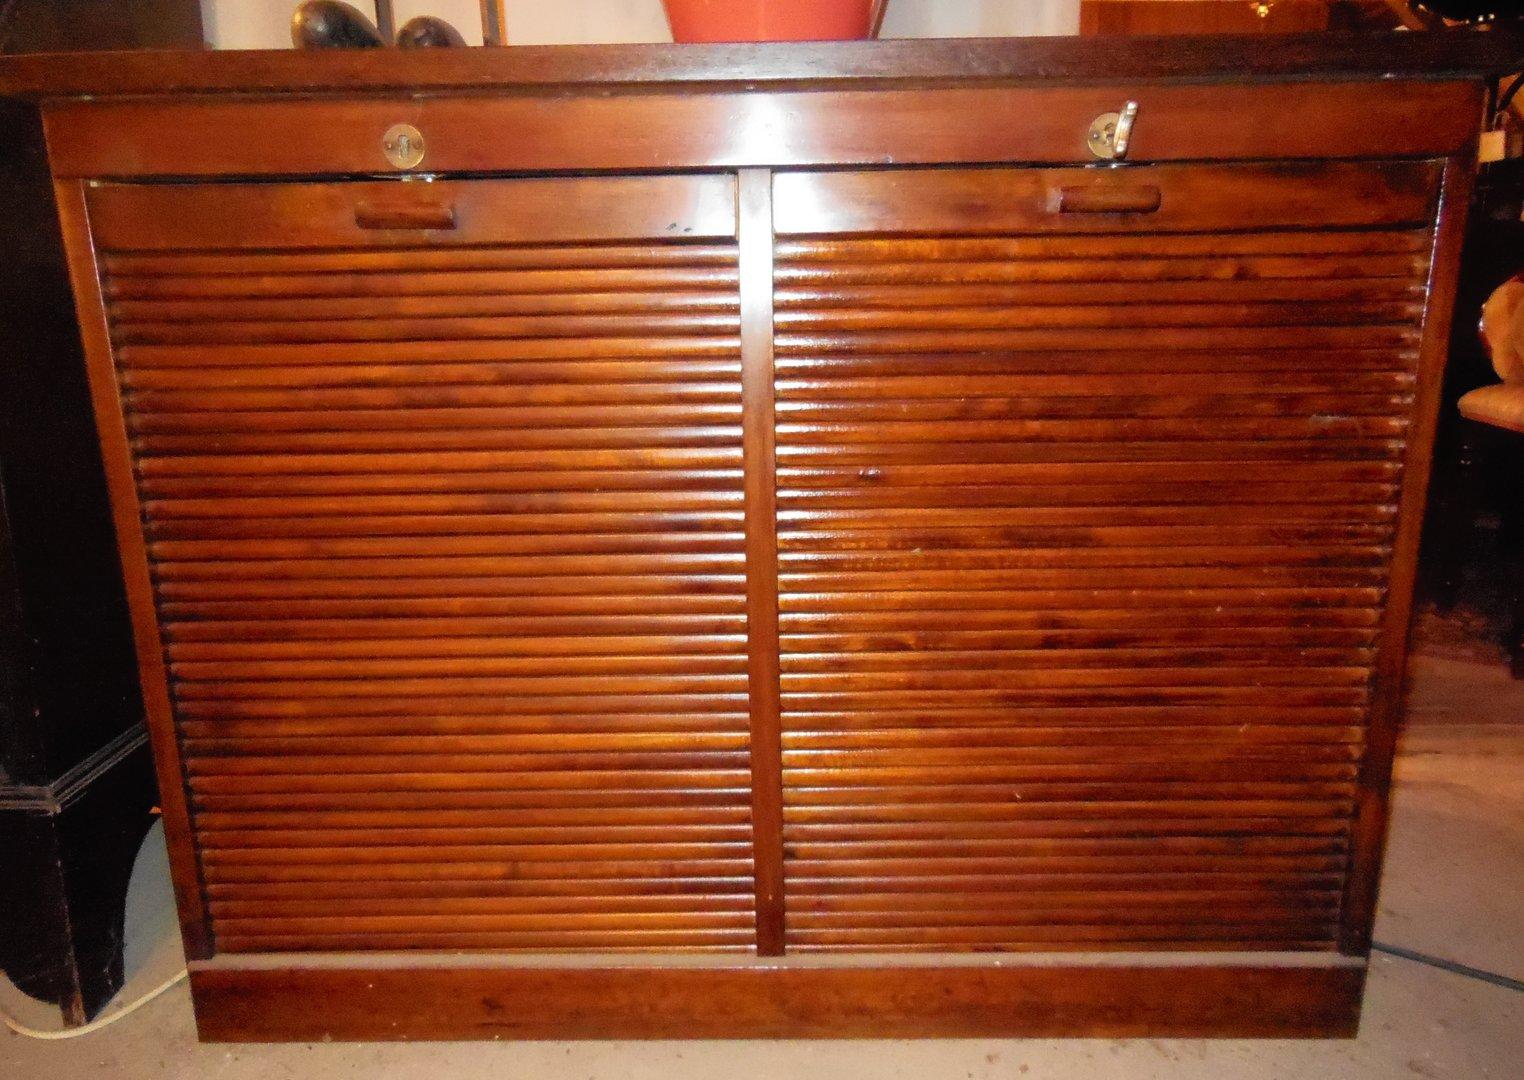 englischer rollschrank um 1920 antik m bel antiquit ten alling bei m nchen zwischen m nchen. Black Bedroom Furniture Sets. Home Design Ideas